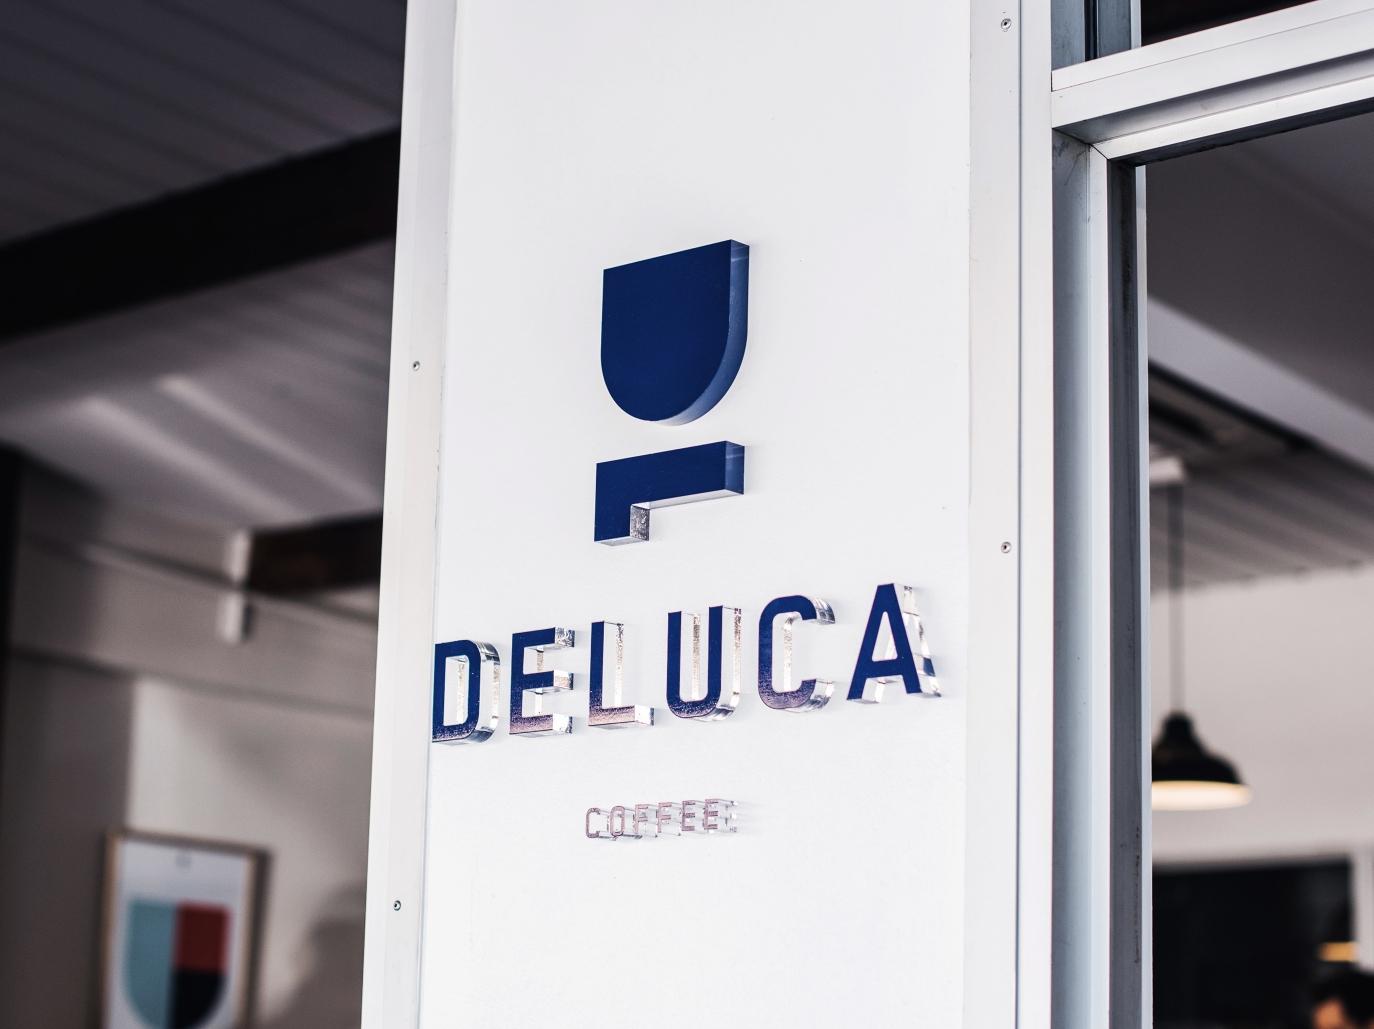 CroppedImage13741029-CDANDCO-DELUCA-COFFEE-PRINT-72-24.jpg